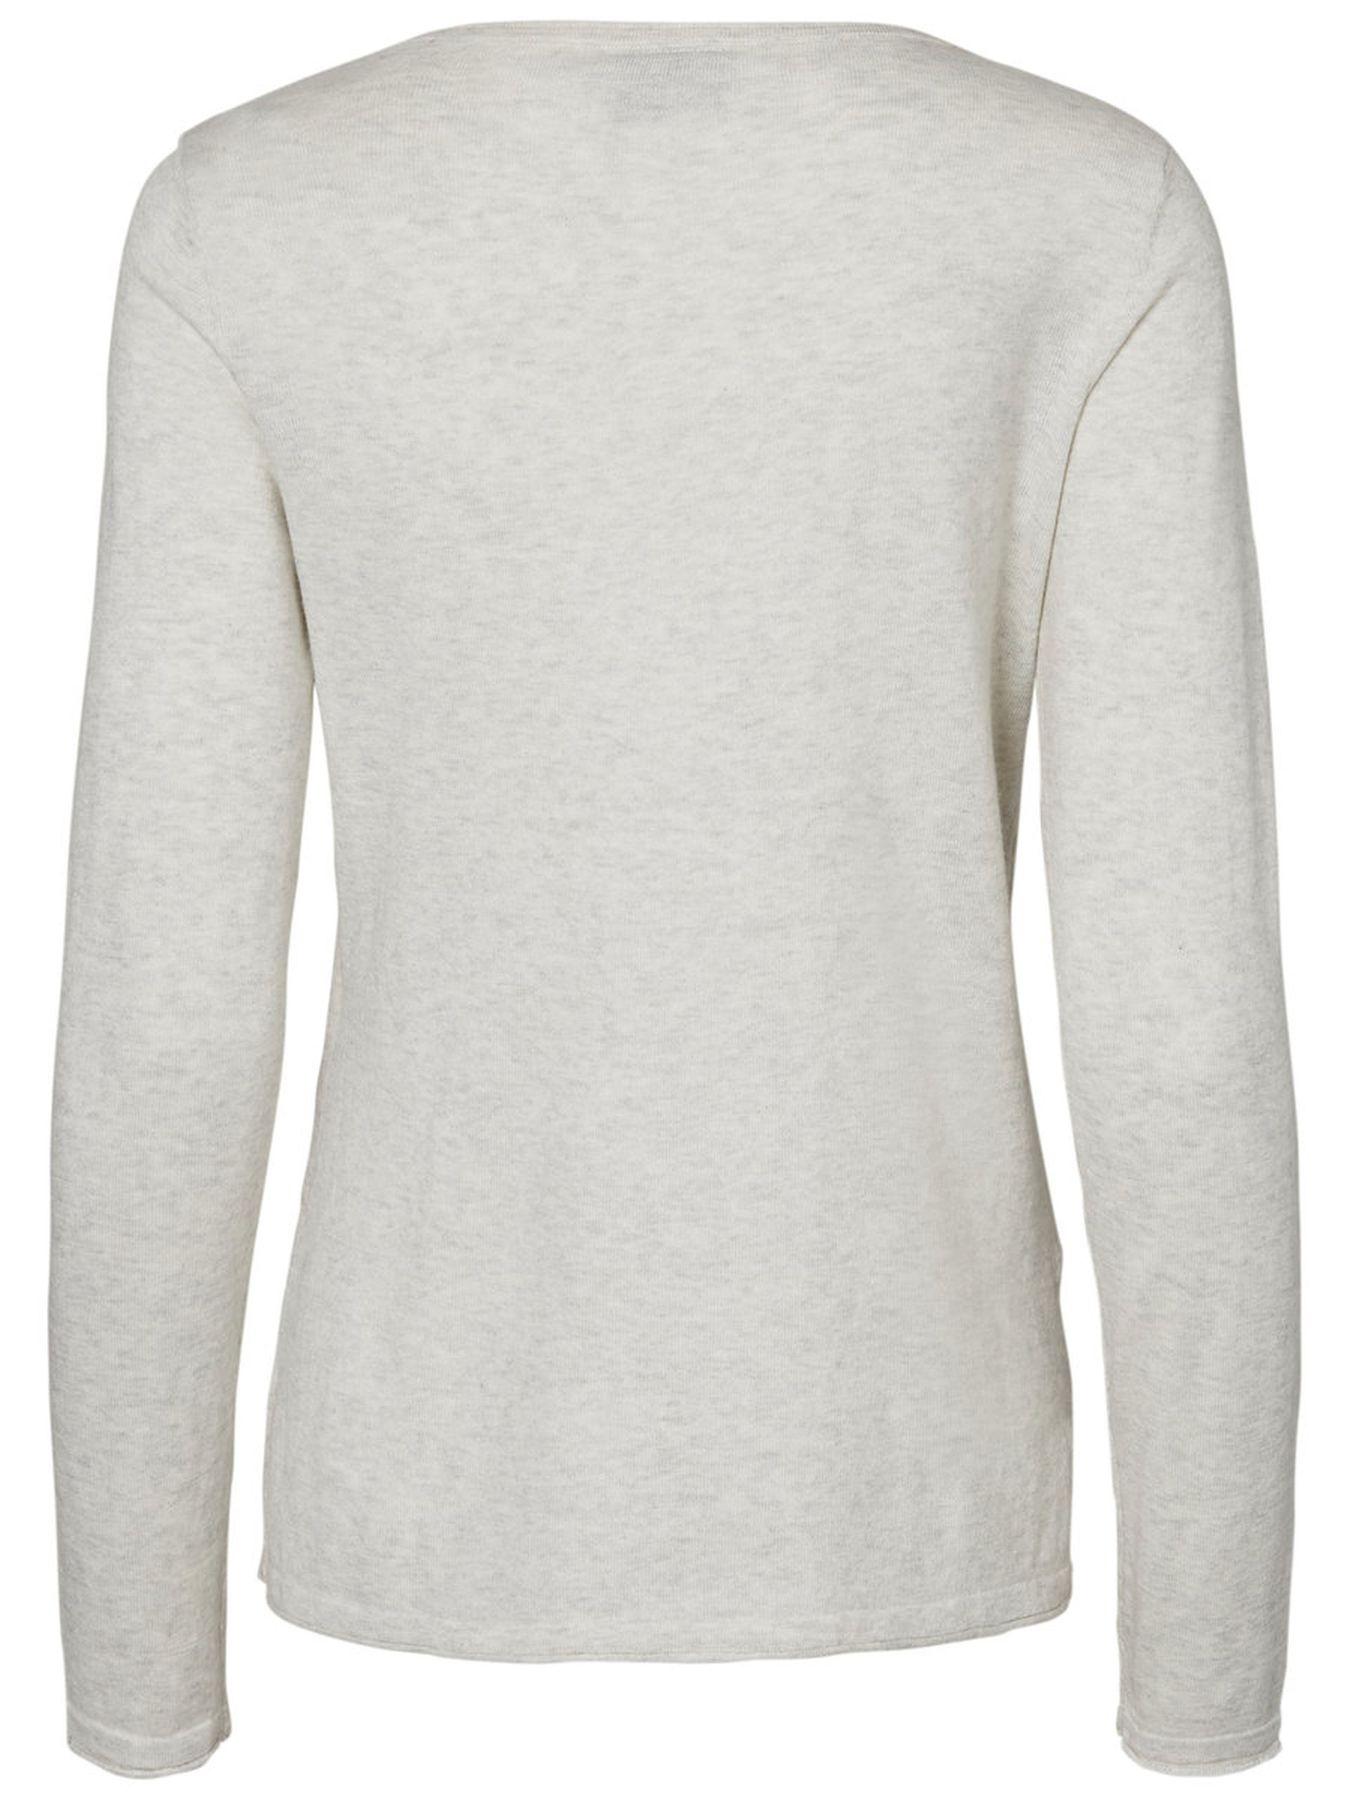 VERO MODA - Damen Shirt in grey oder navy (10181871) – Bild 5